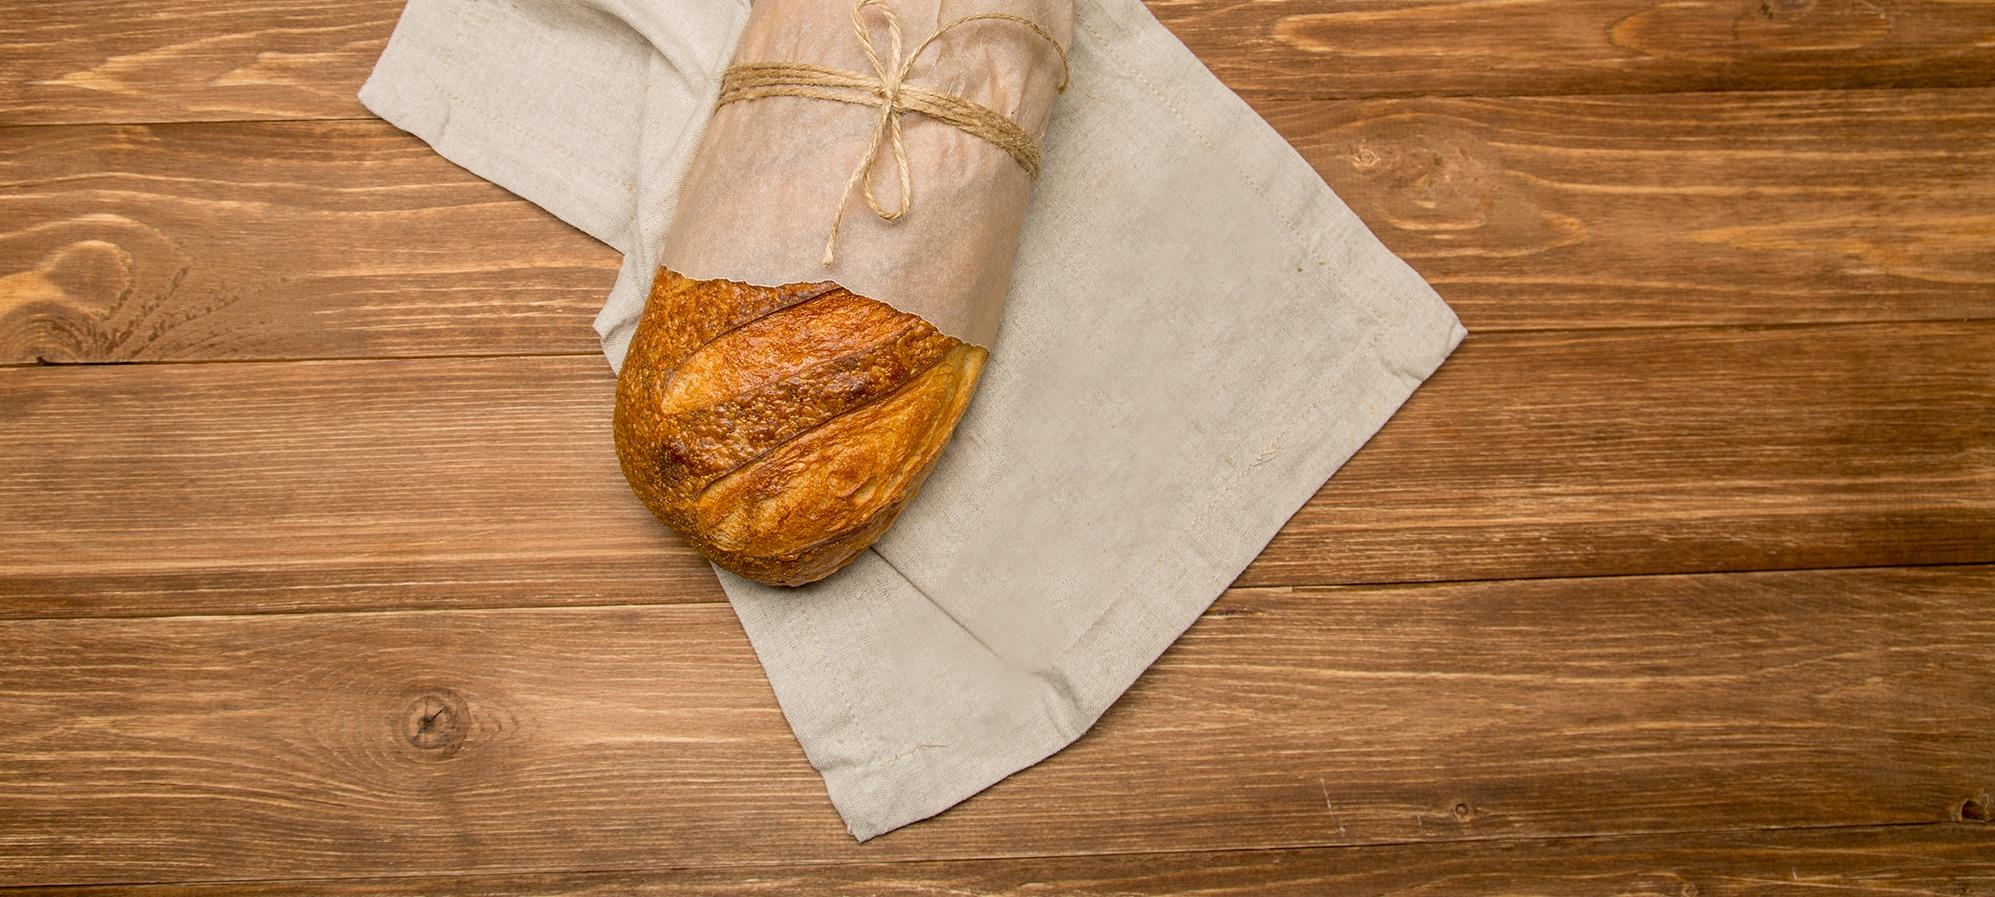 Imballaggio alimentare per pane